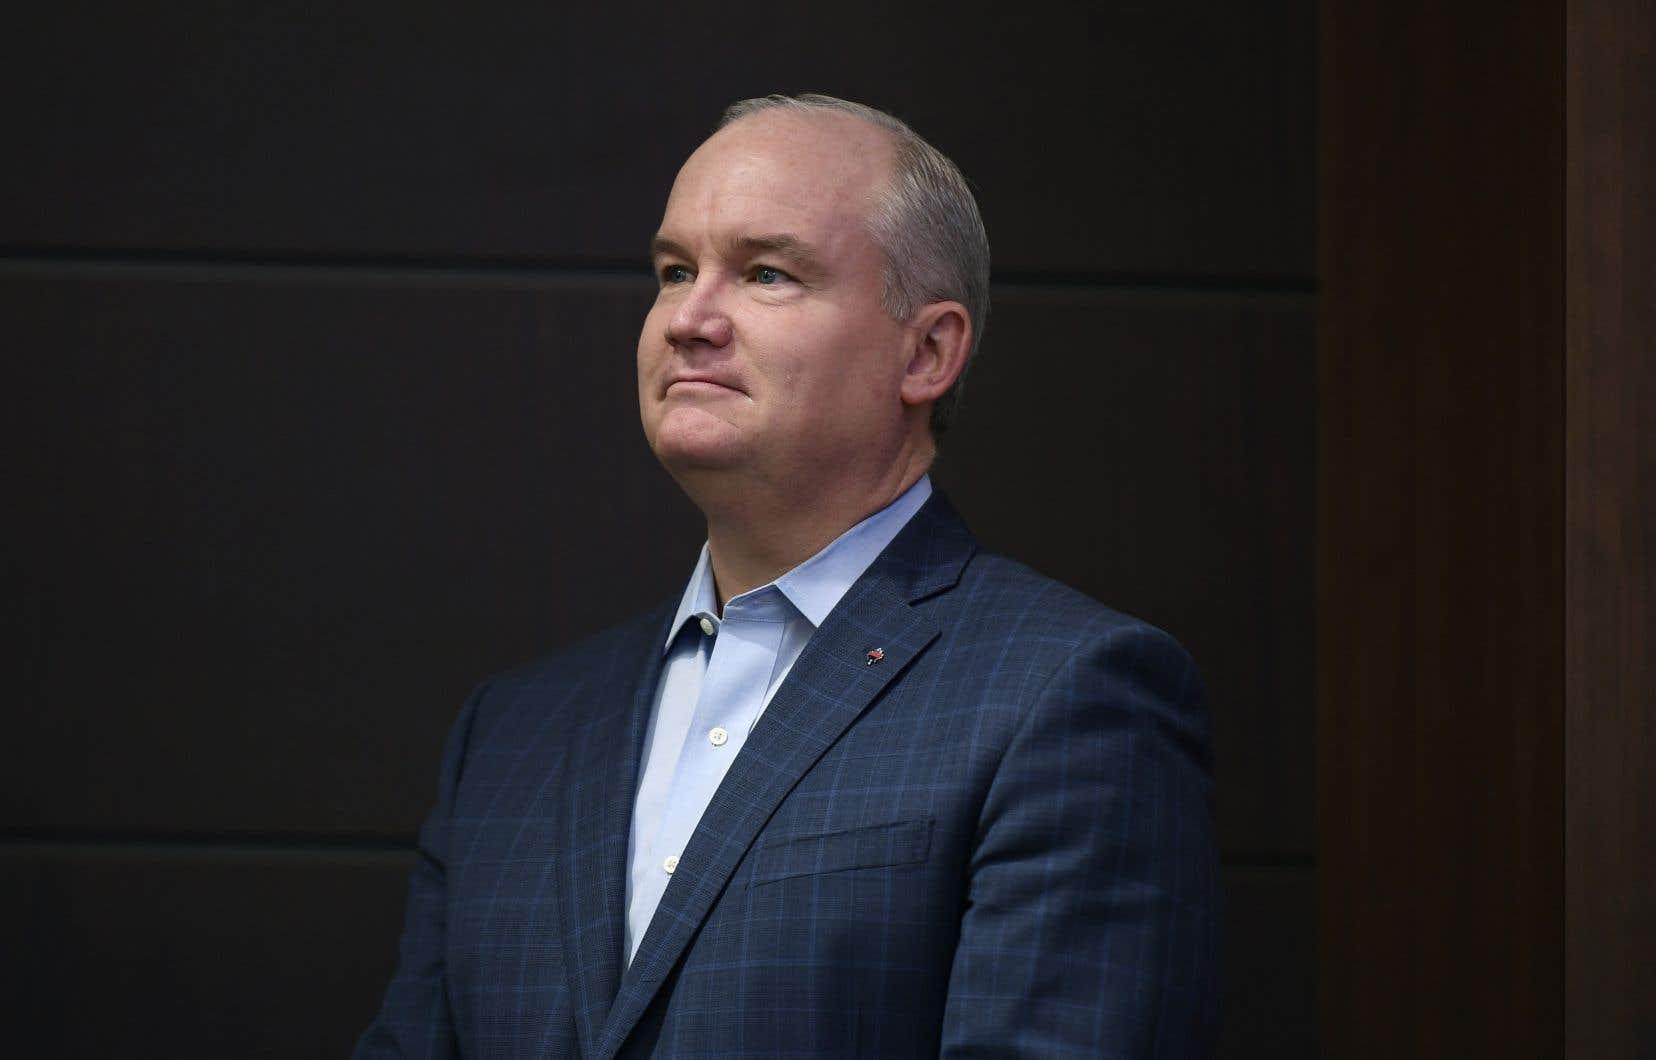 Le député Erin O'Toole est le principal rival de l'ex-ministre Peter MacKay dans la course à la succession d'Andrew Scheer.